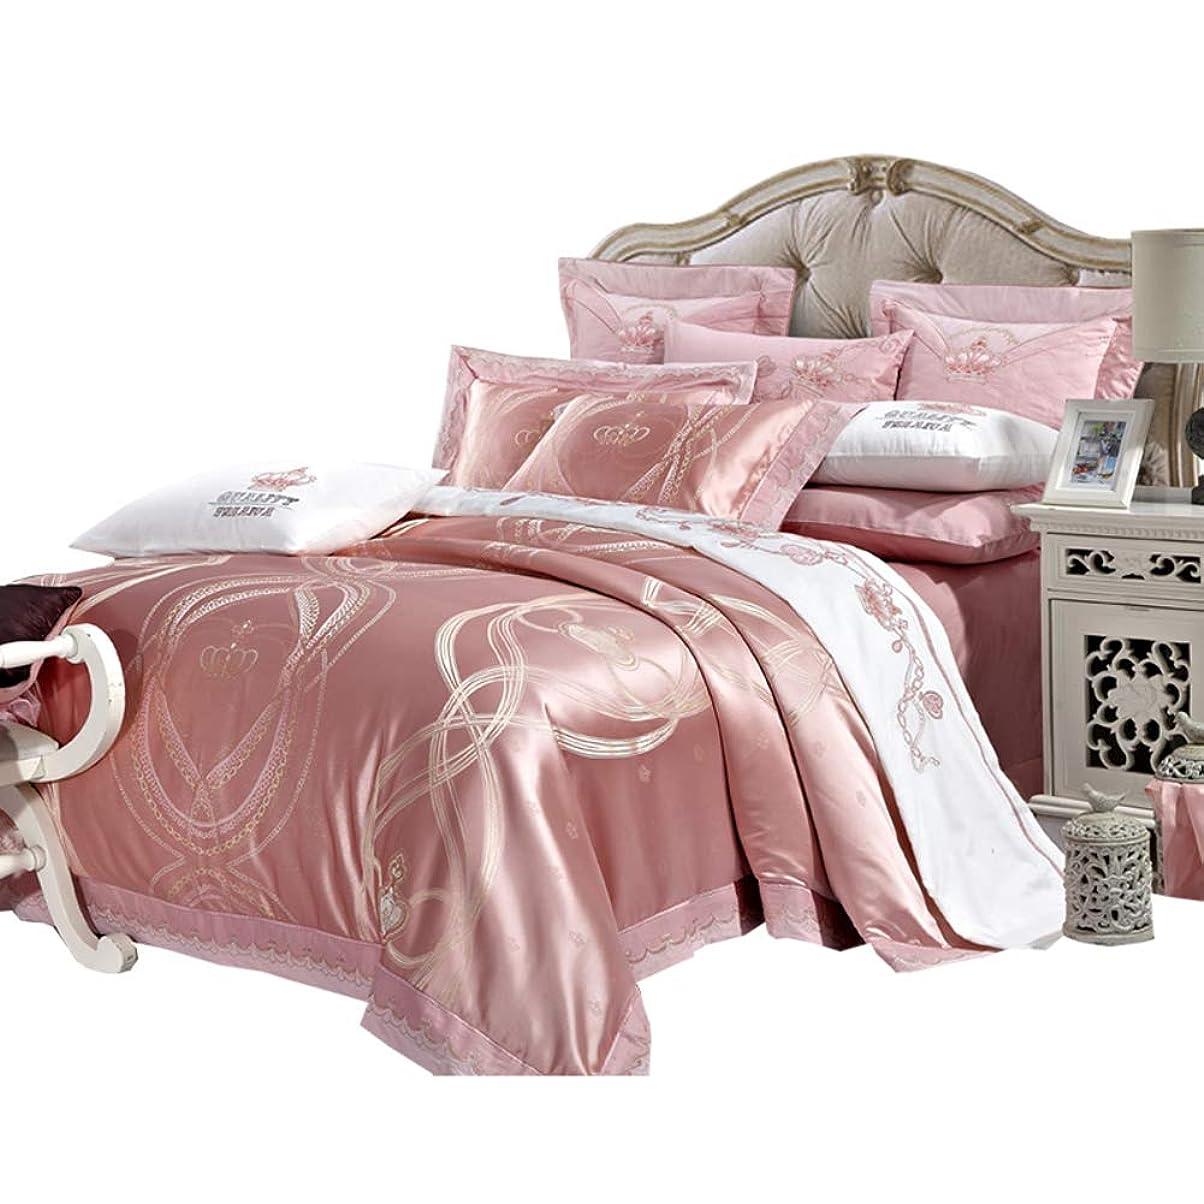 作り懸念スケッチ10 ピース モダンデザイン 布団セット, シルク 袋のベッド プロ 寝具セット ホーム ホテル クラシック 寝具ベッド-a Queen1